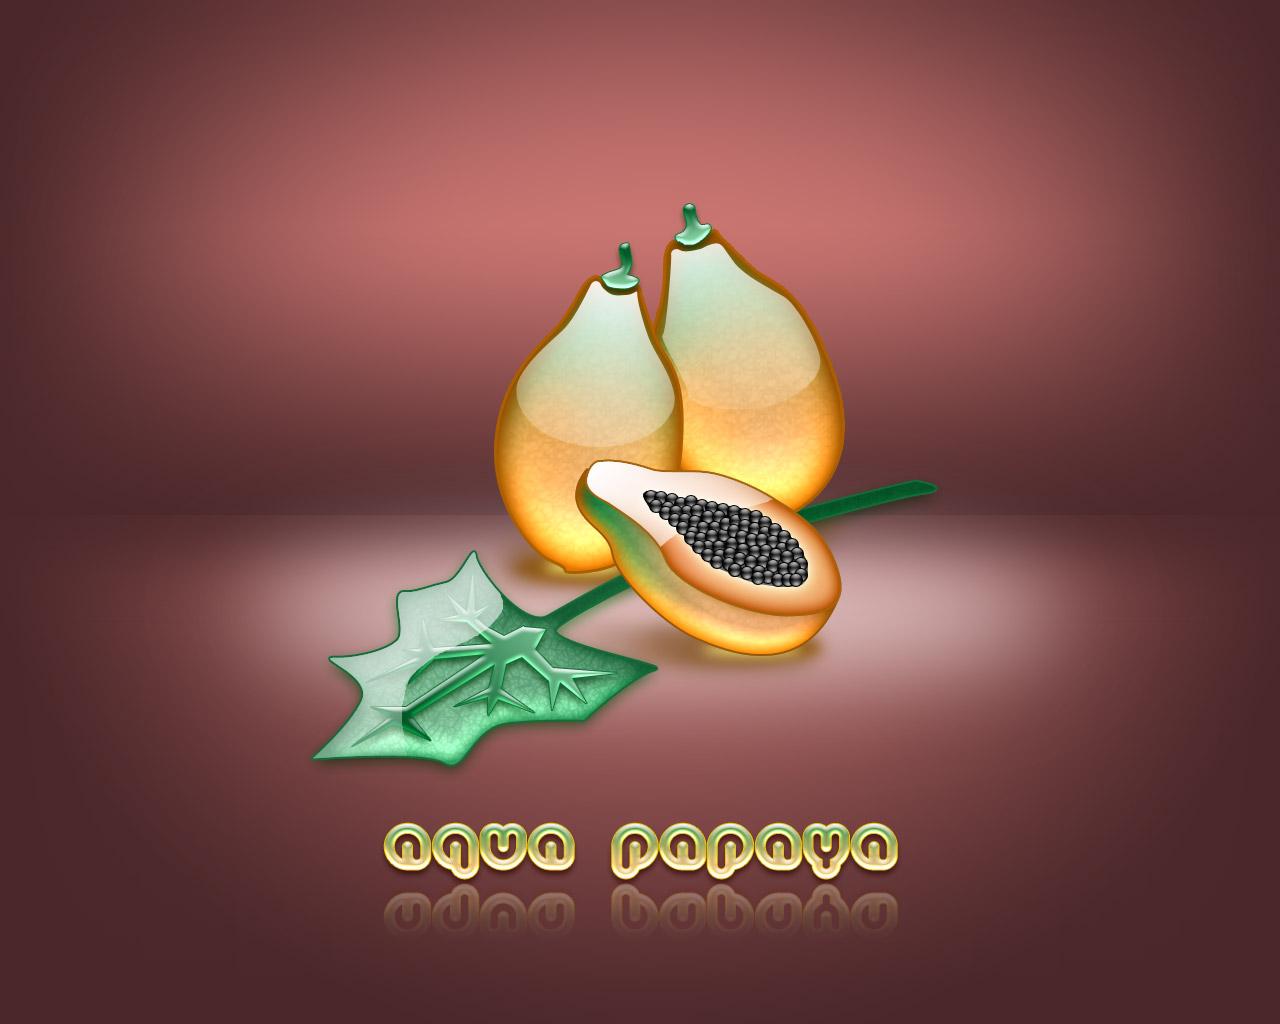 aqua papaya wallpaper abstract - photo #3